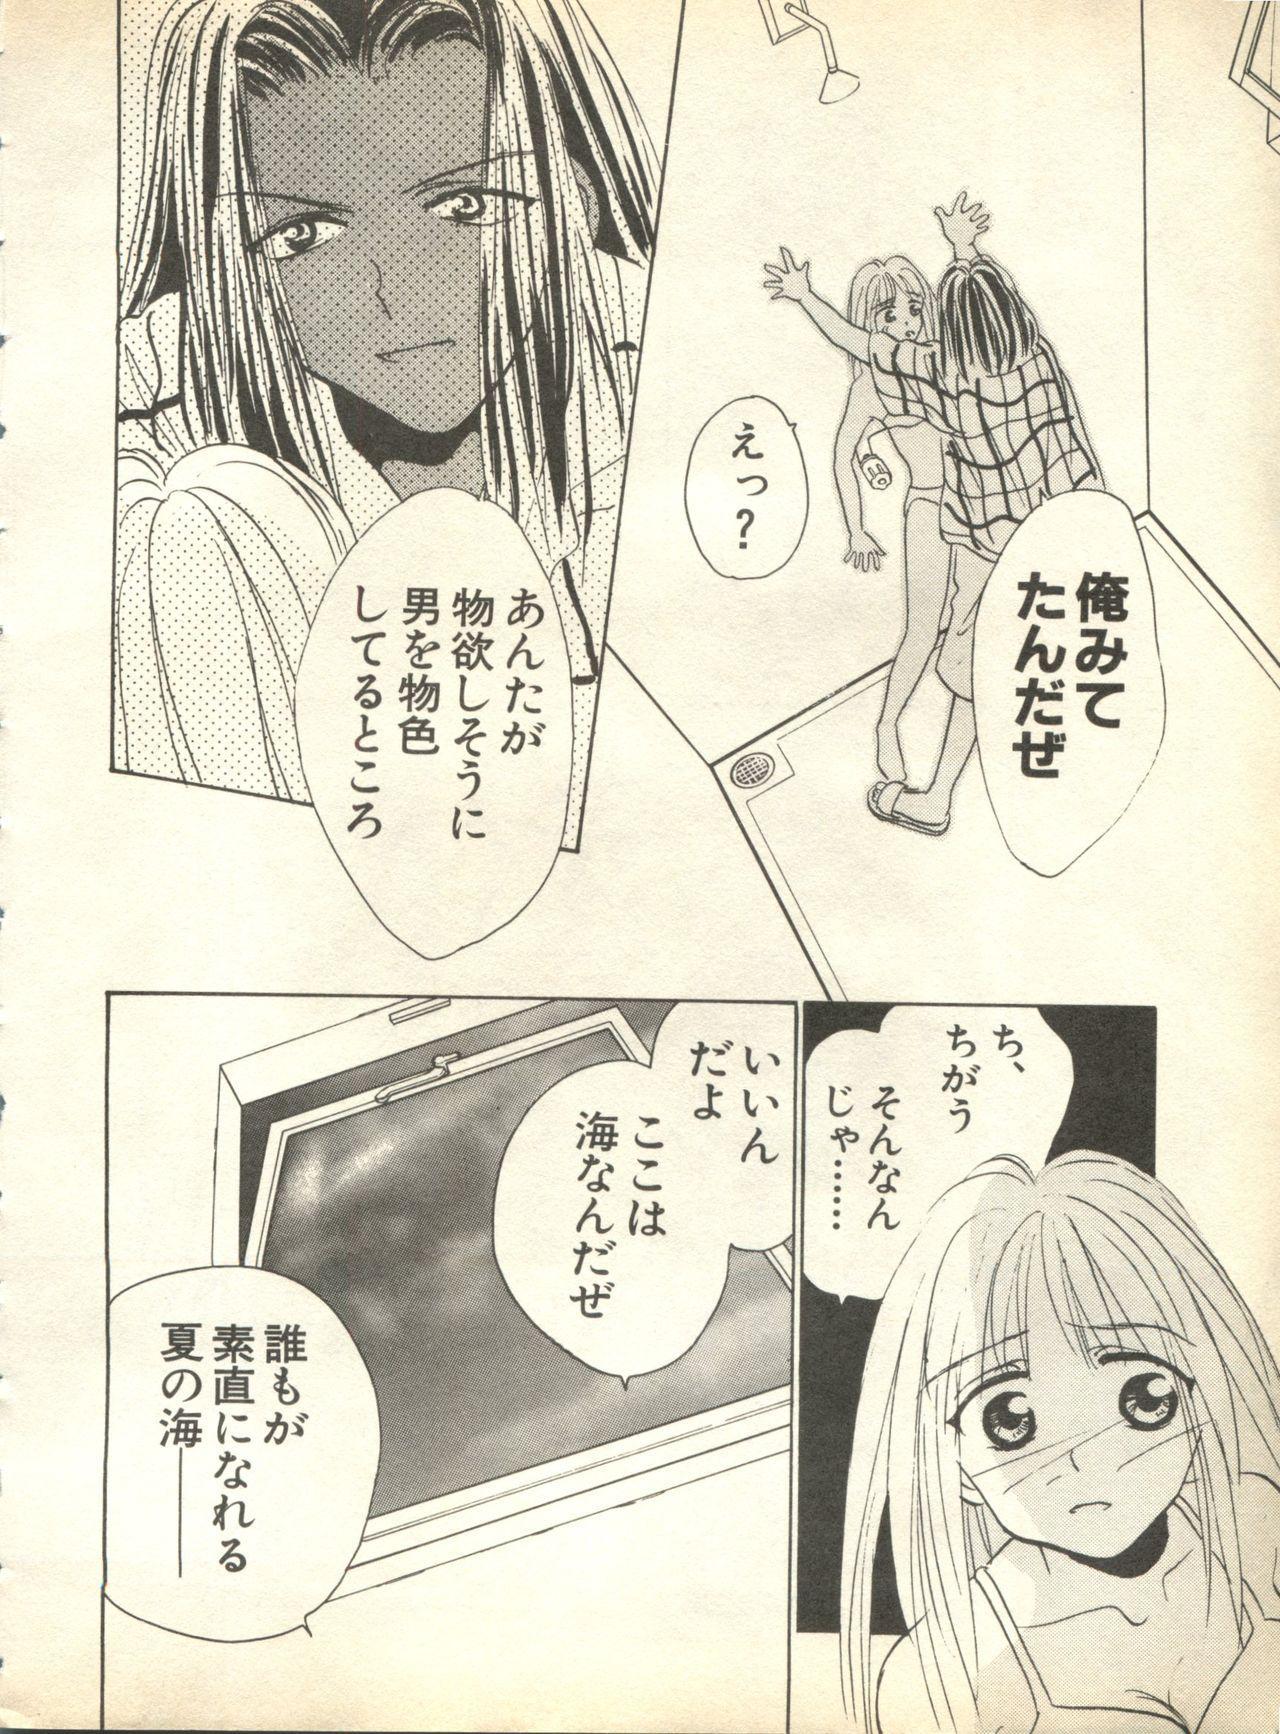 Pai;kuu 1998 October Vol. 13 61